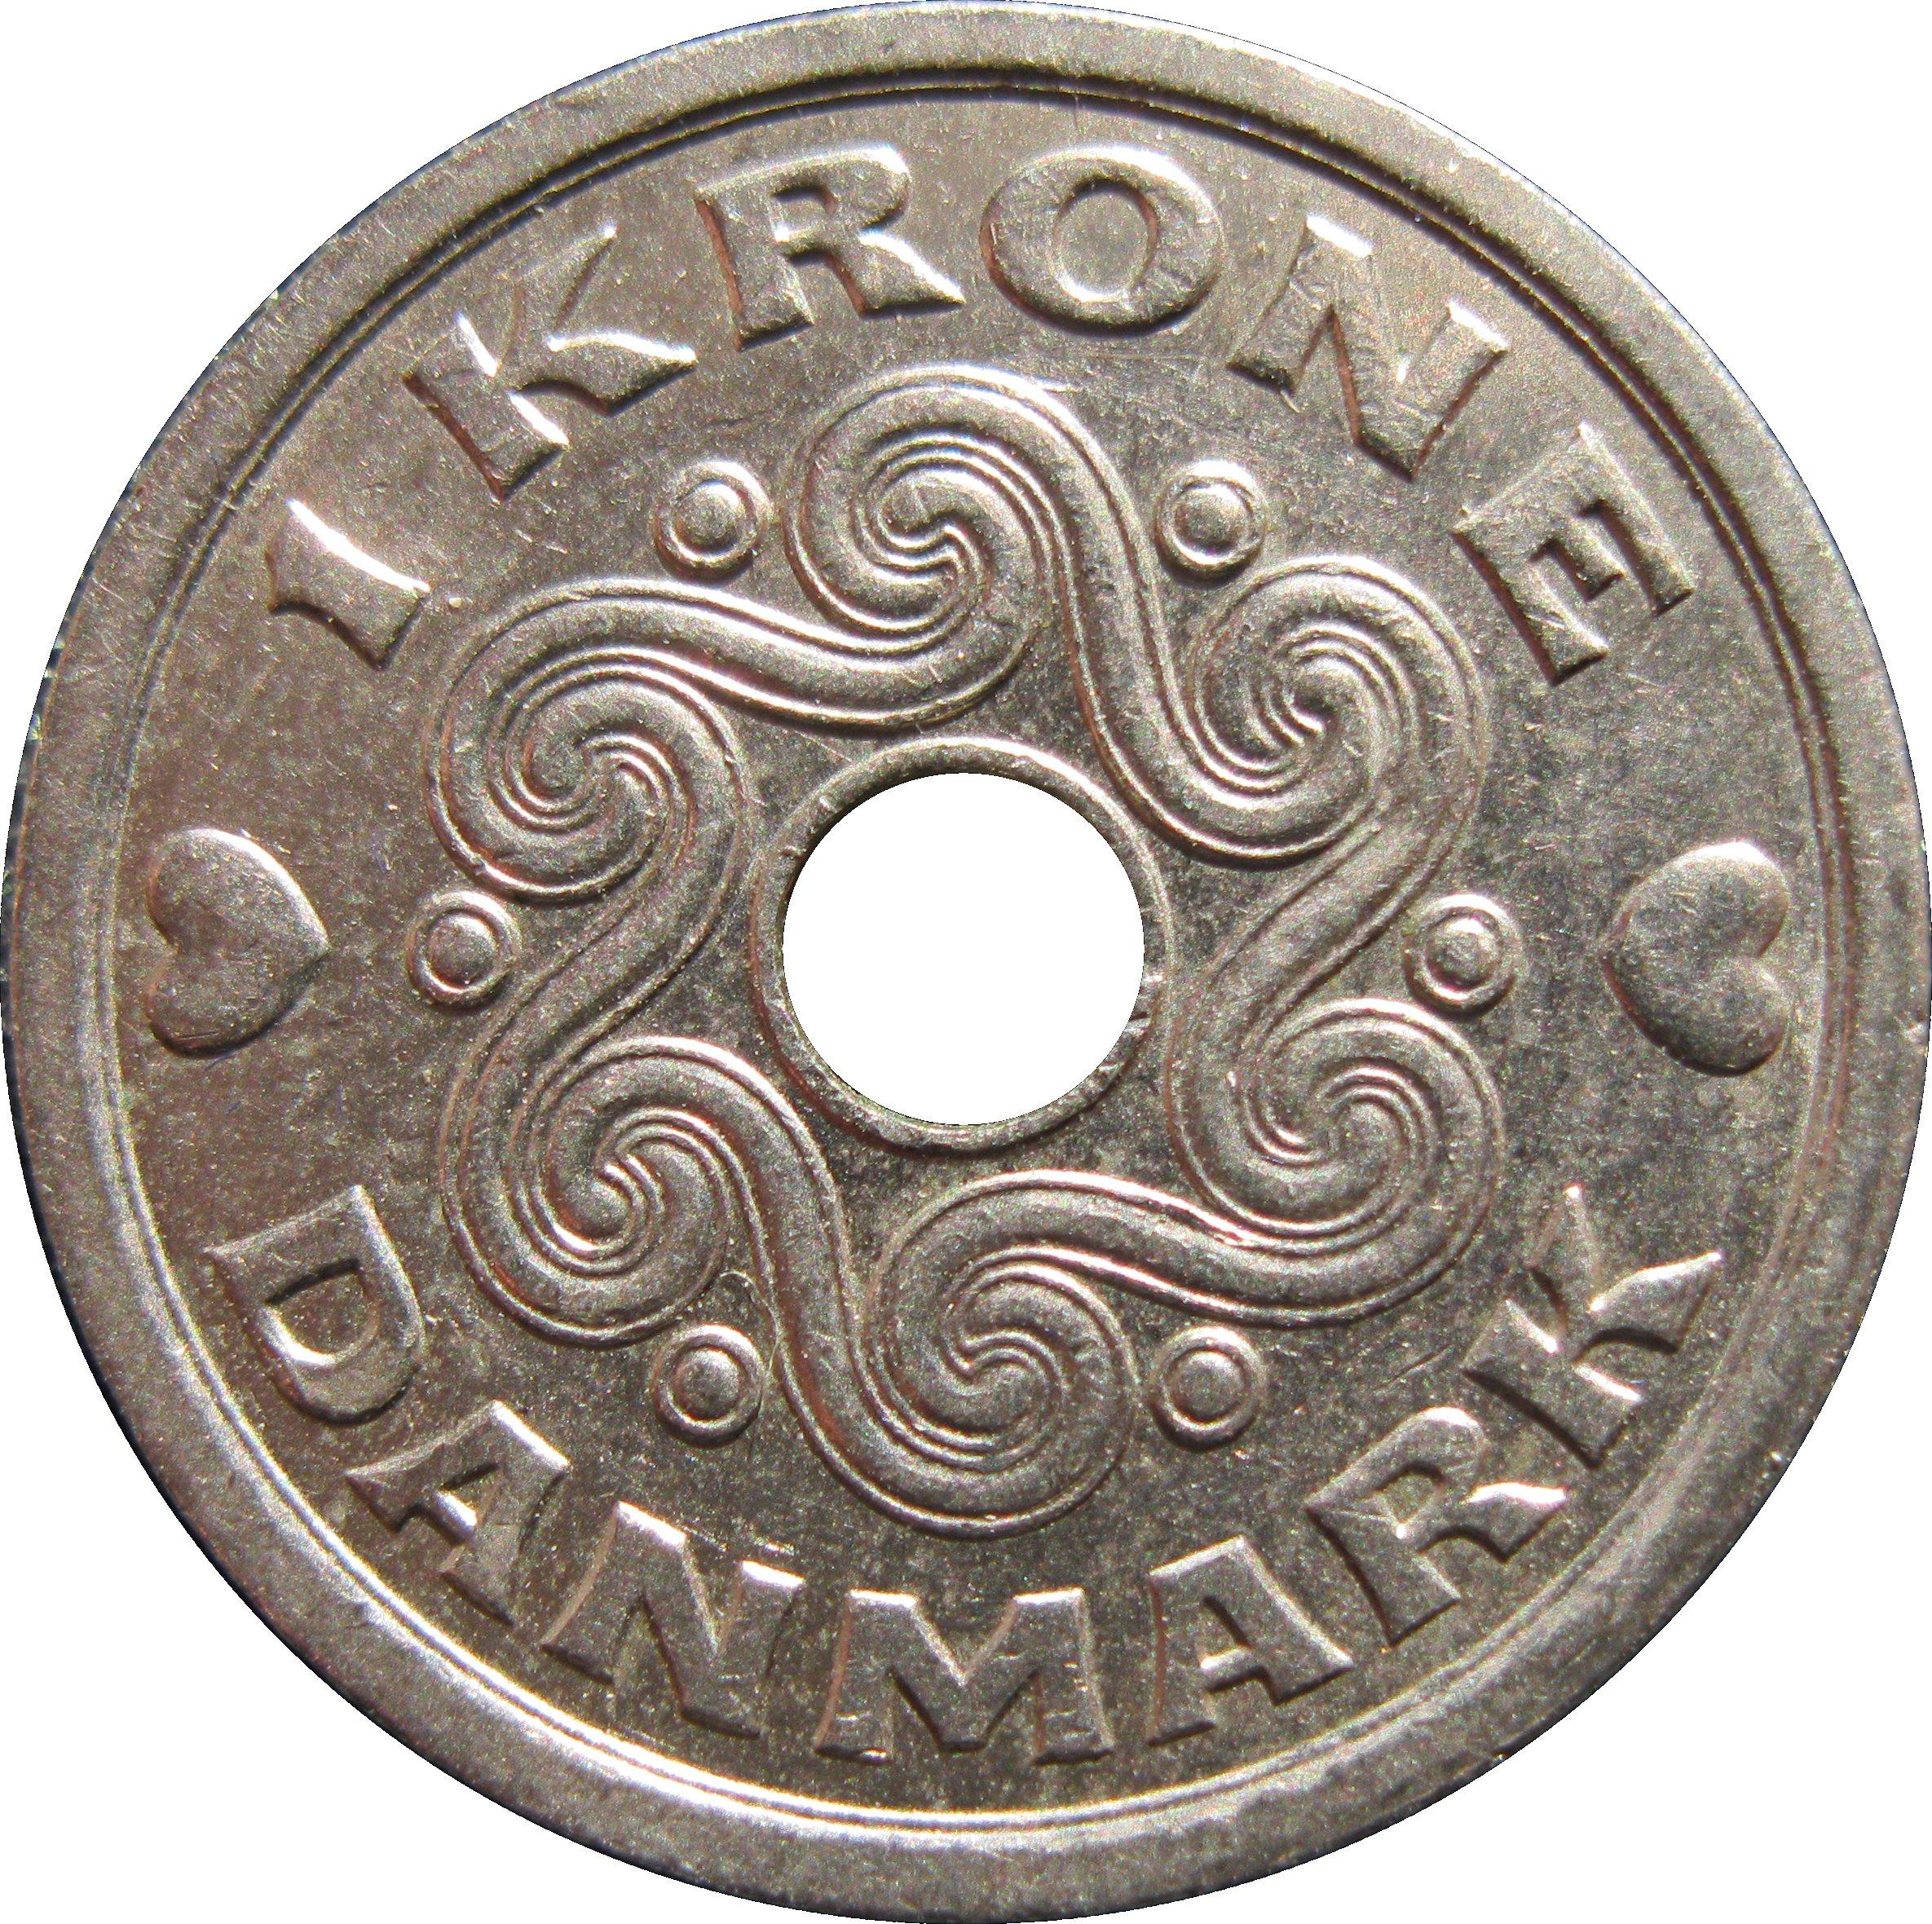 1 kronor